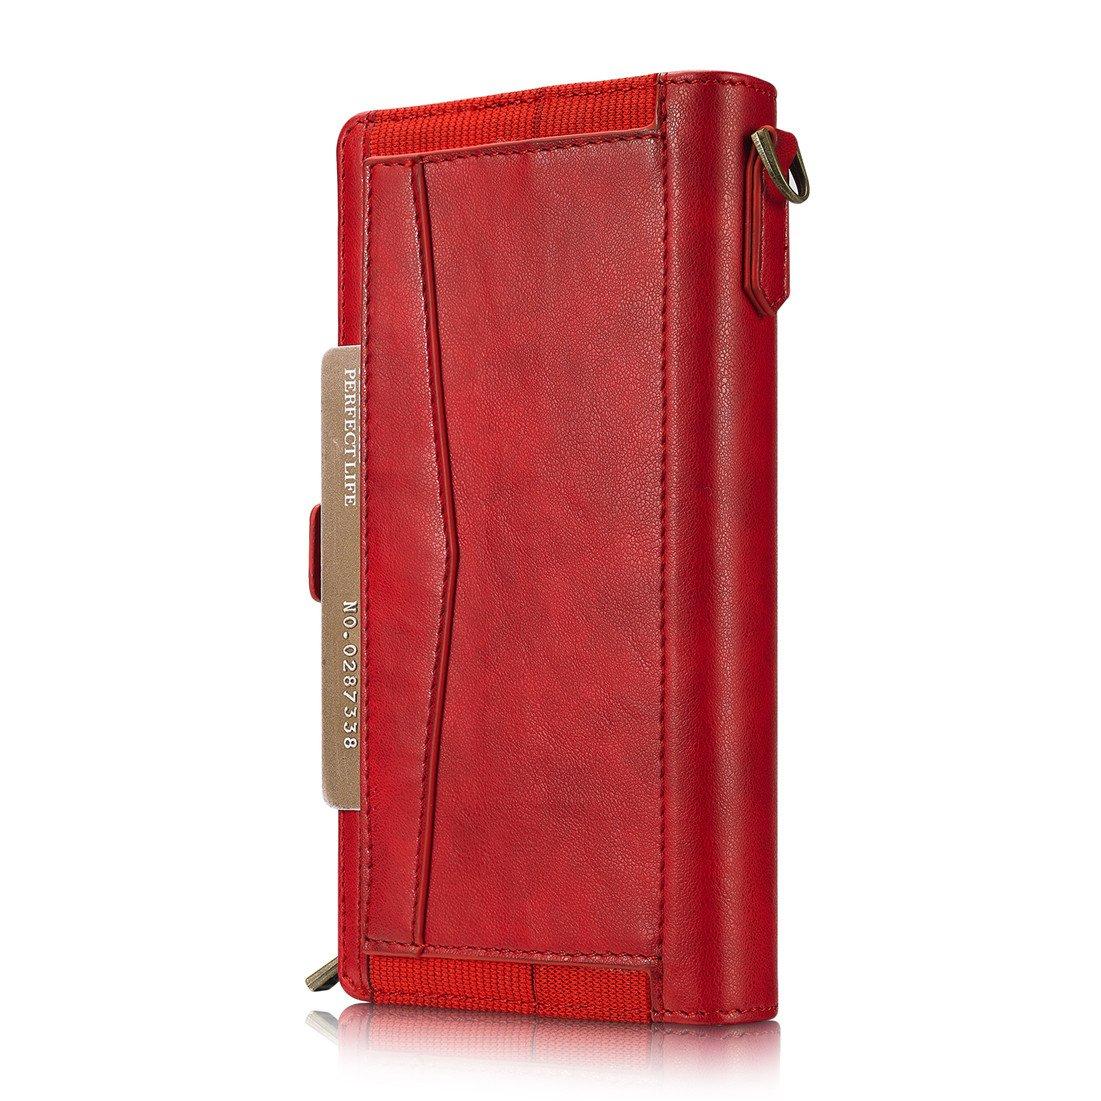 c04e8230b4 Amazon | iphone7 ケース iphone8 ケース 手帳型 財布型 クラッチバッグ 【Boomshine】高品質 PUレザー  アイホン7/8 ケース 分離式 多機能スマホ手帳形 ポーチ ...